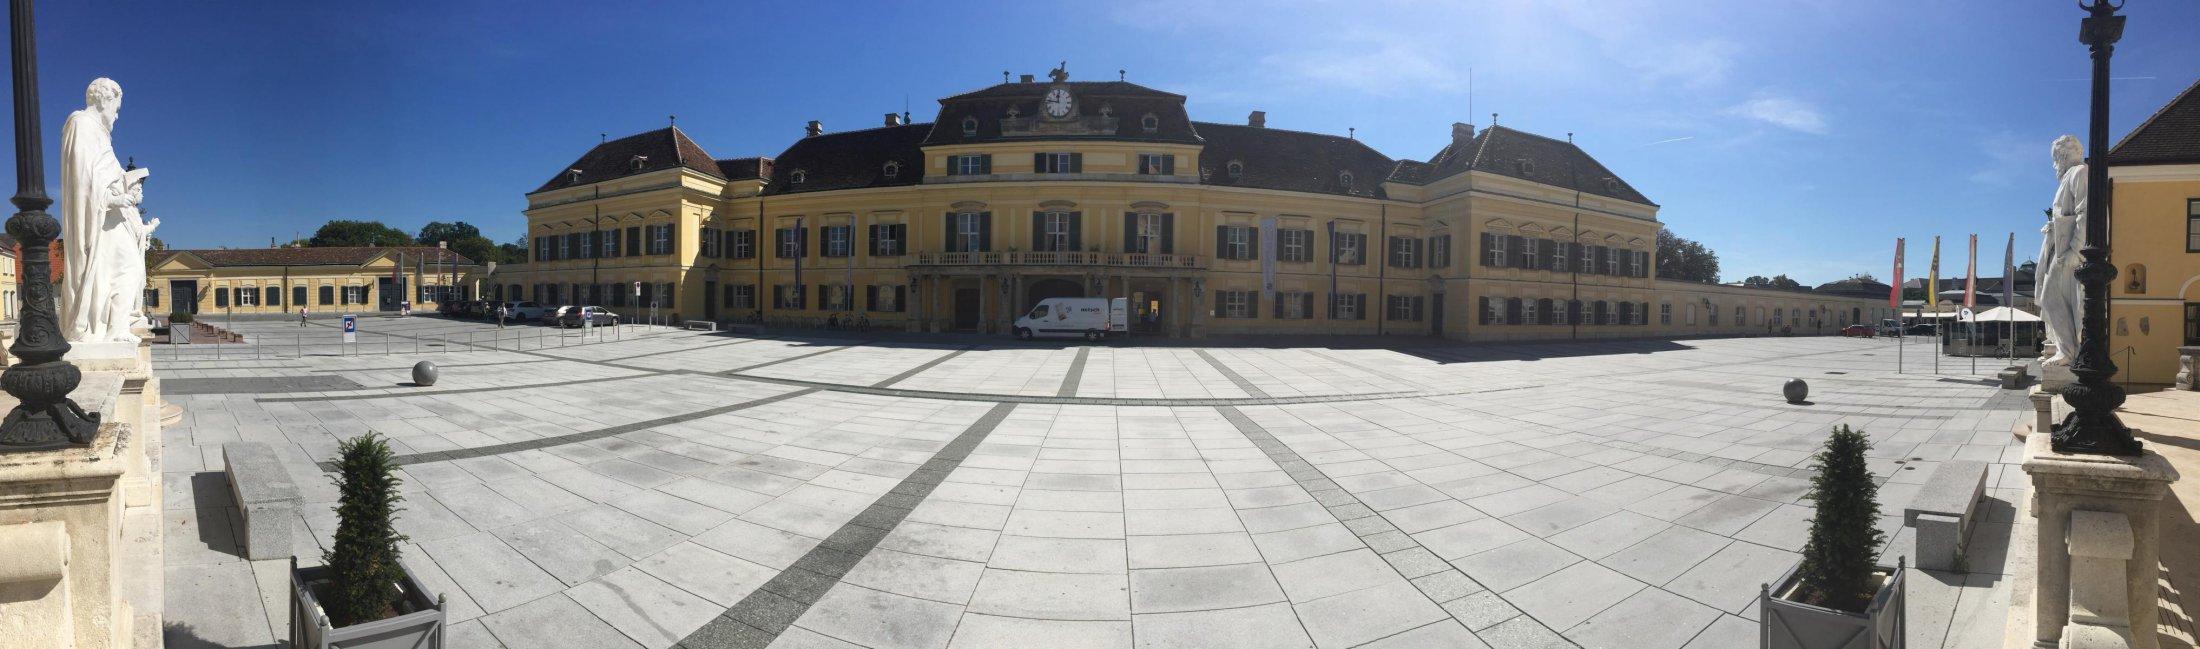 Laxenburg Schloss19